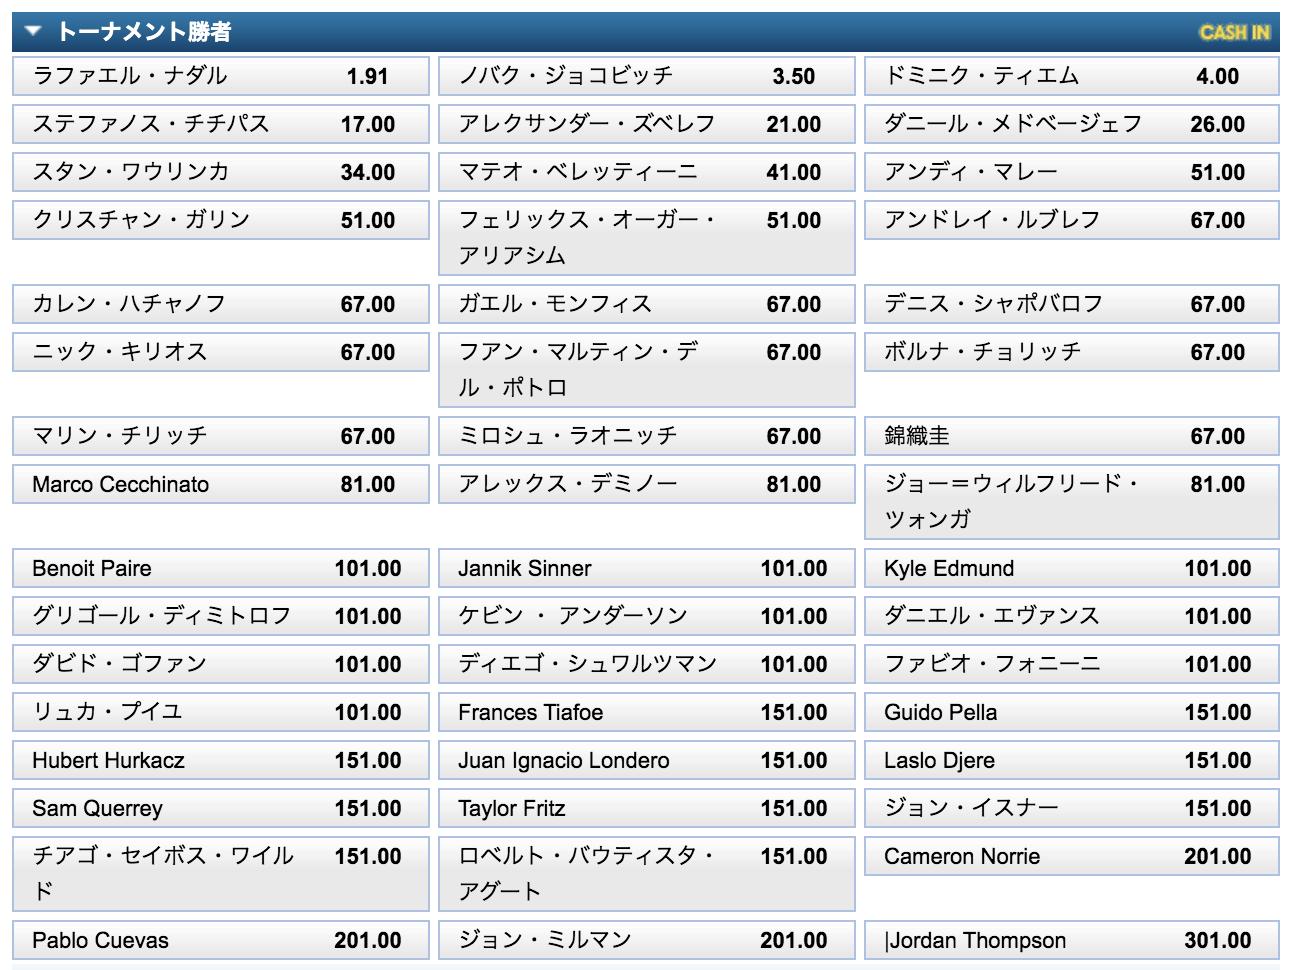 全仏オープン2020男子シングルス優勝オッズ(9月18日時点)